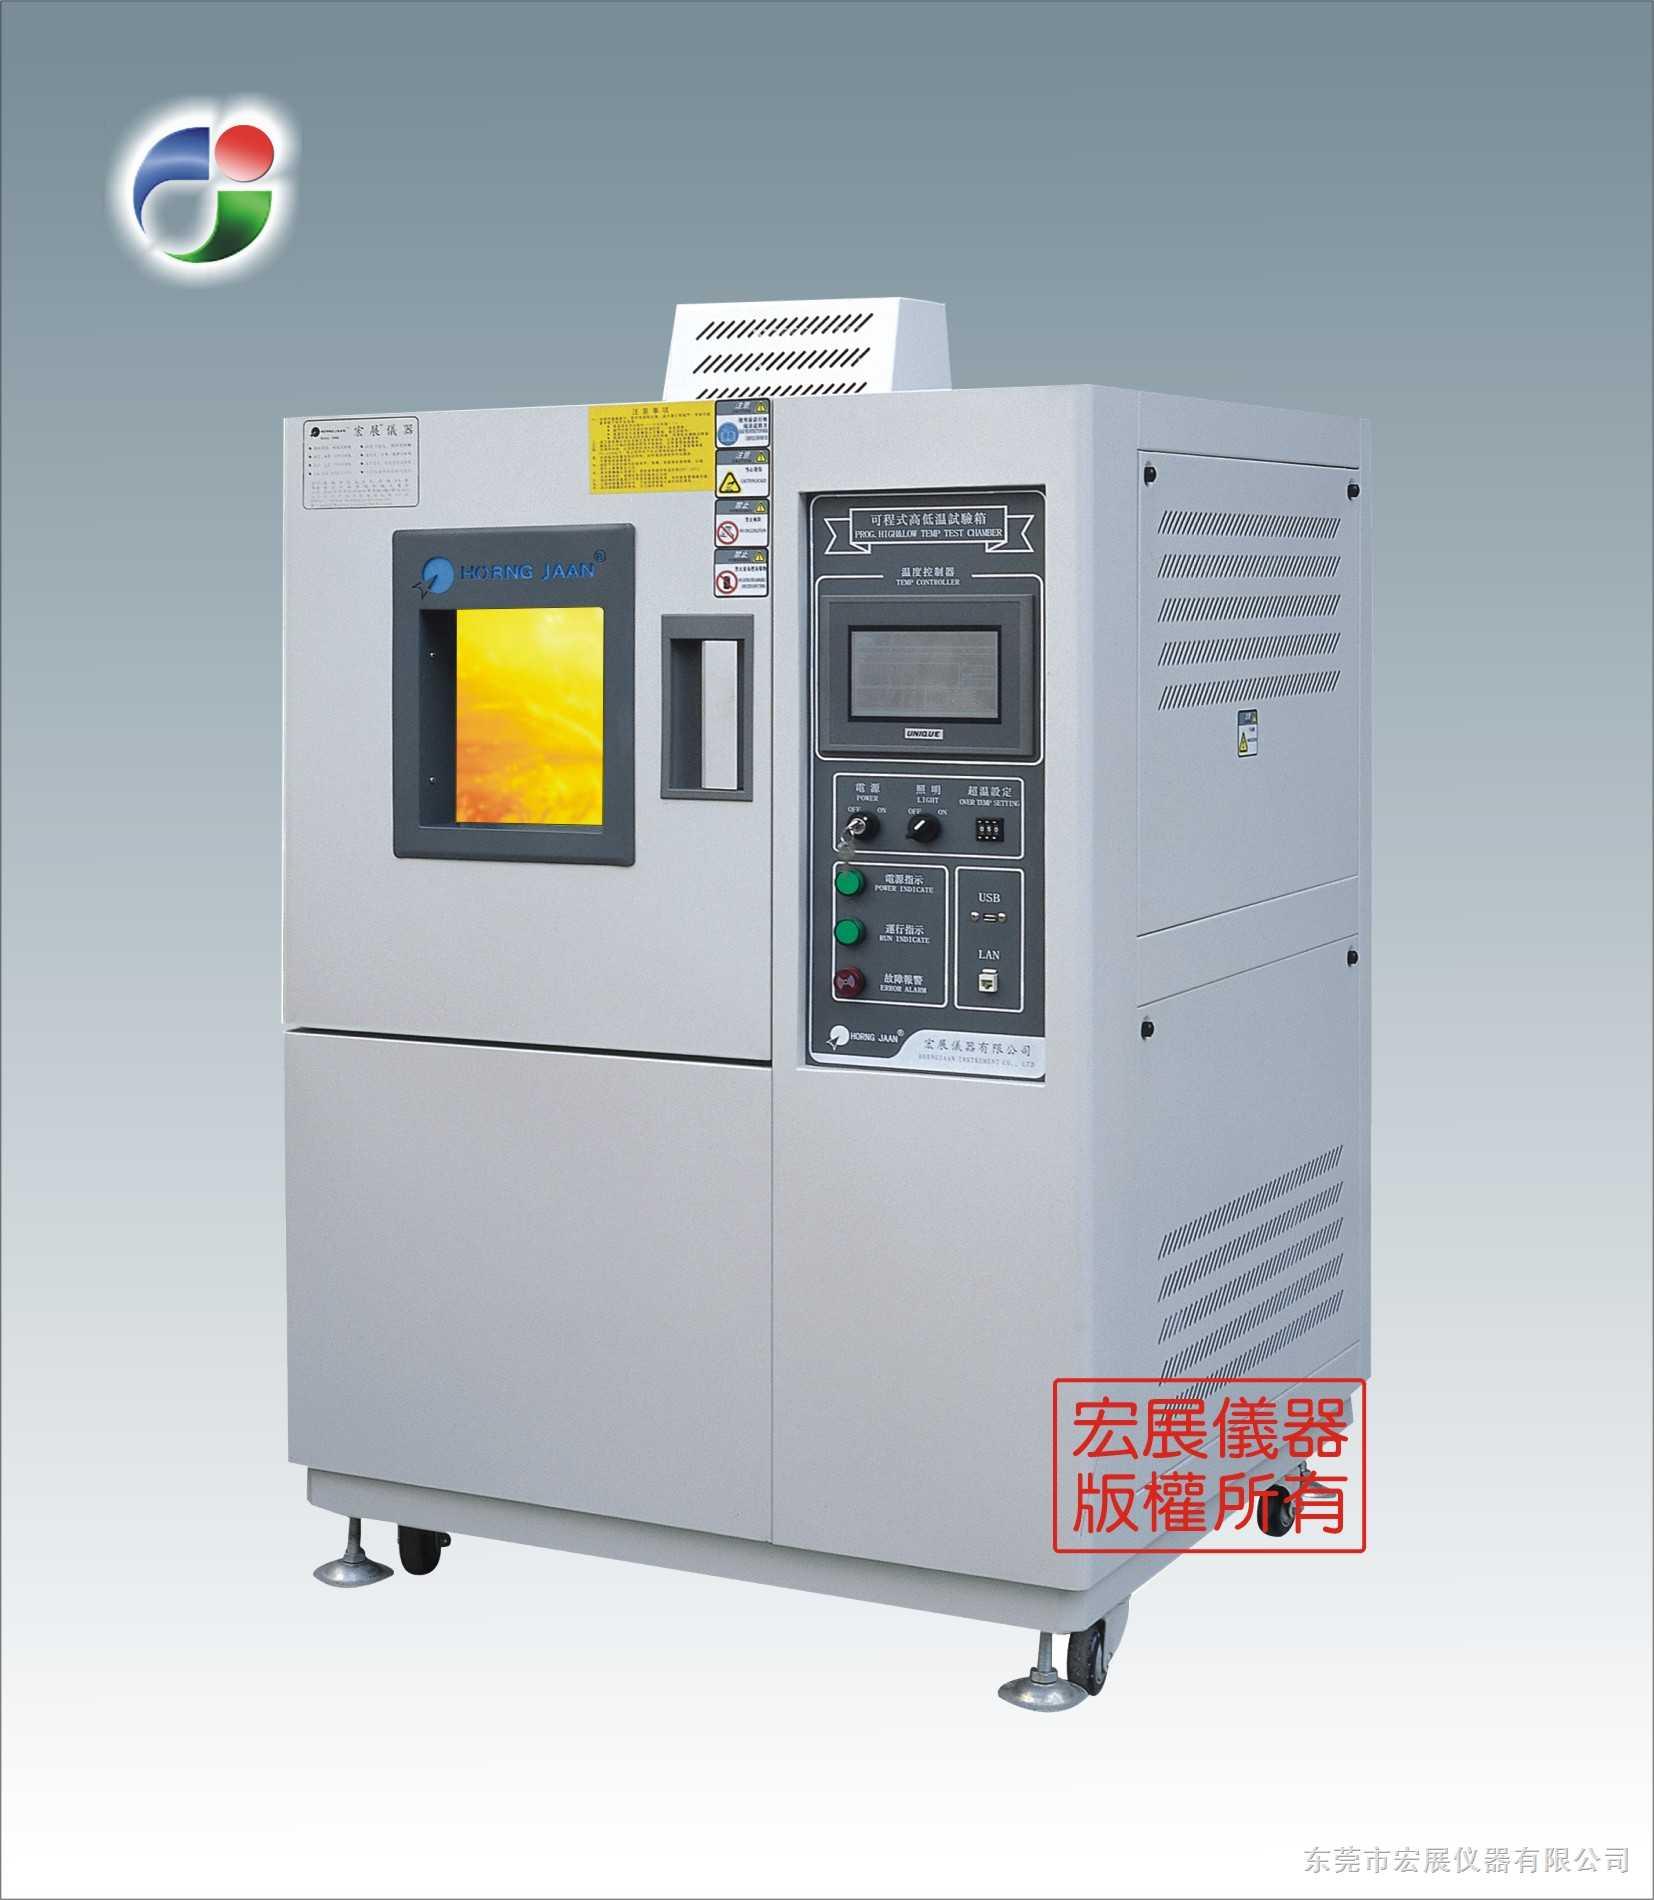 宏展高低温箱采用进口高性能可编程温度控制器